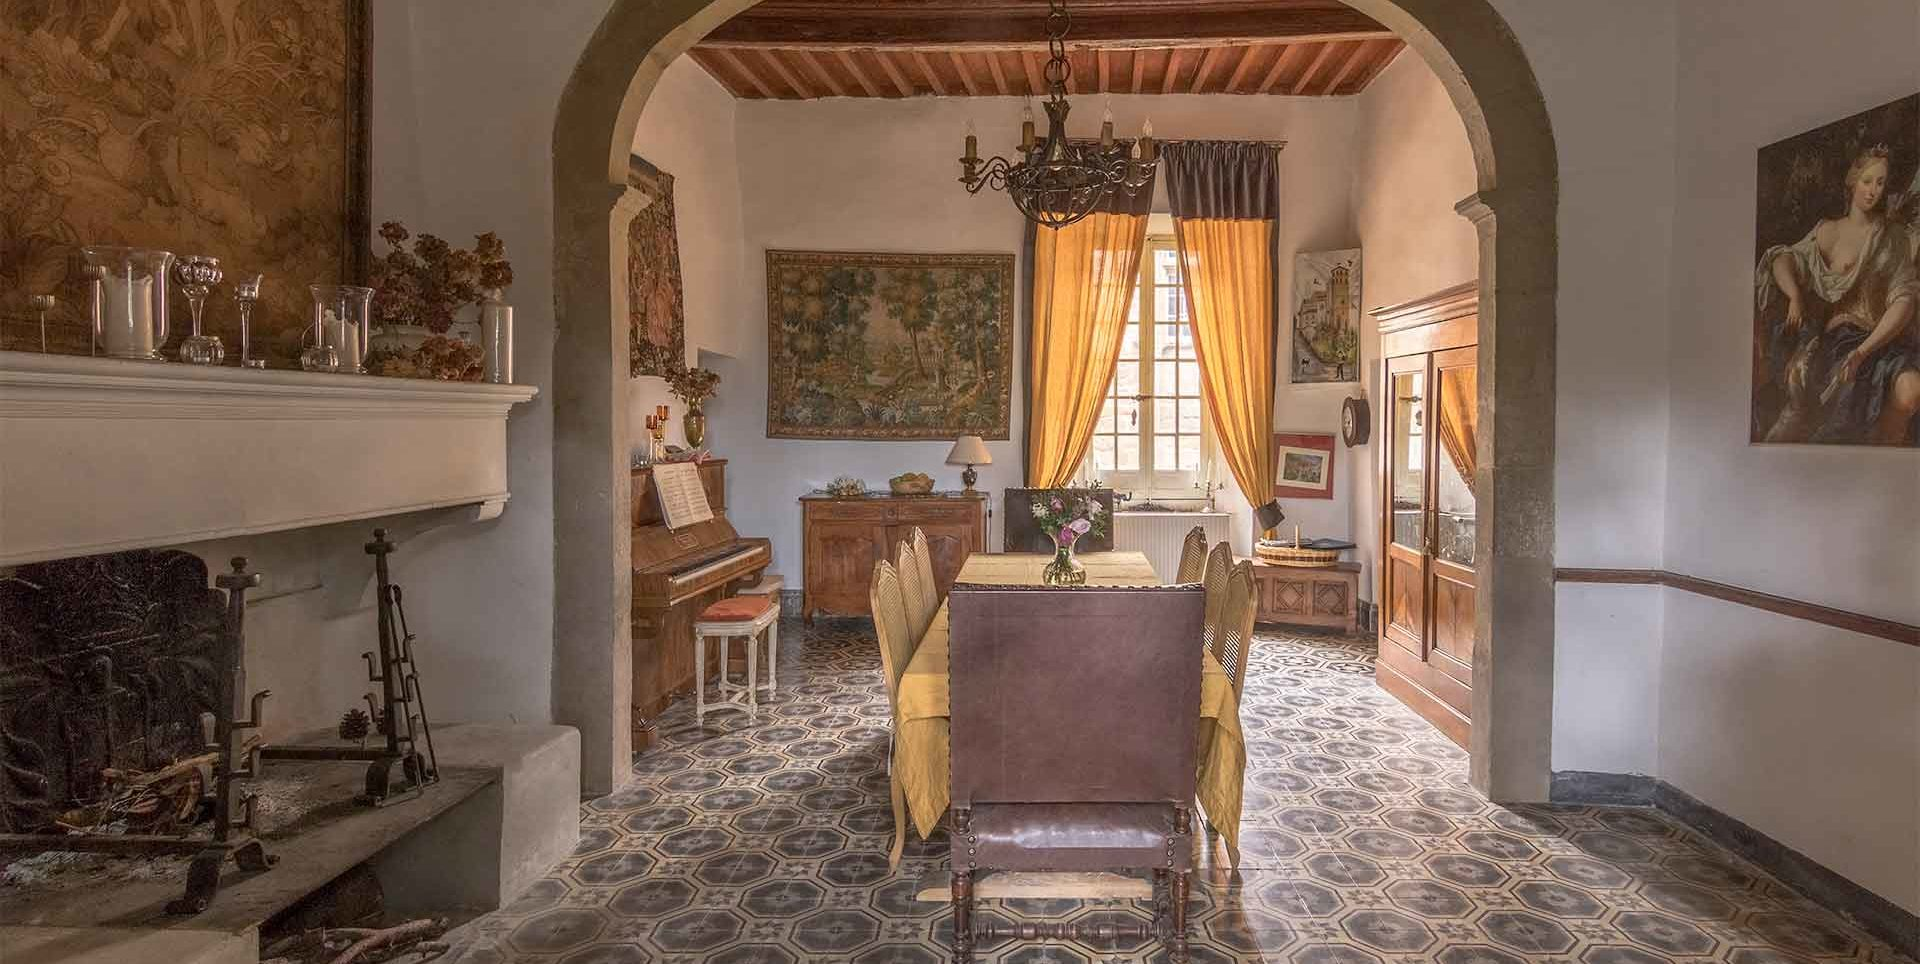 Salle-à-Manger Chambres d'hôtes de charme au Château de Puichéric weekend-insolite-hebergement-atypique-sejour-romantique-nuit-amoureux-chambres-hotes-de-charme-au-chateau-de-puicheric-aveyron-occitanie-carcassonne